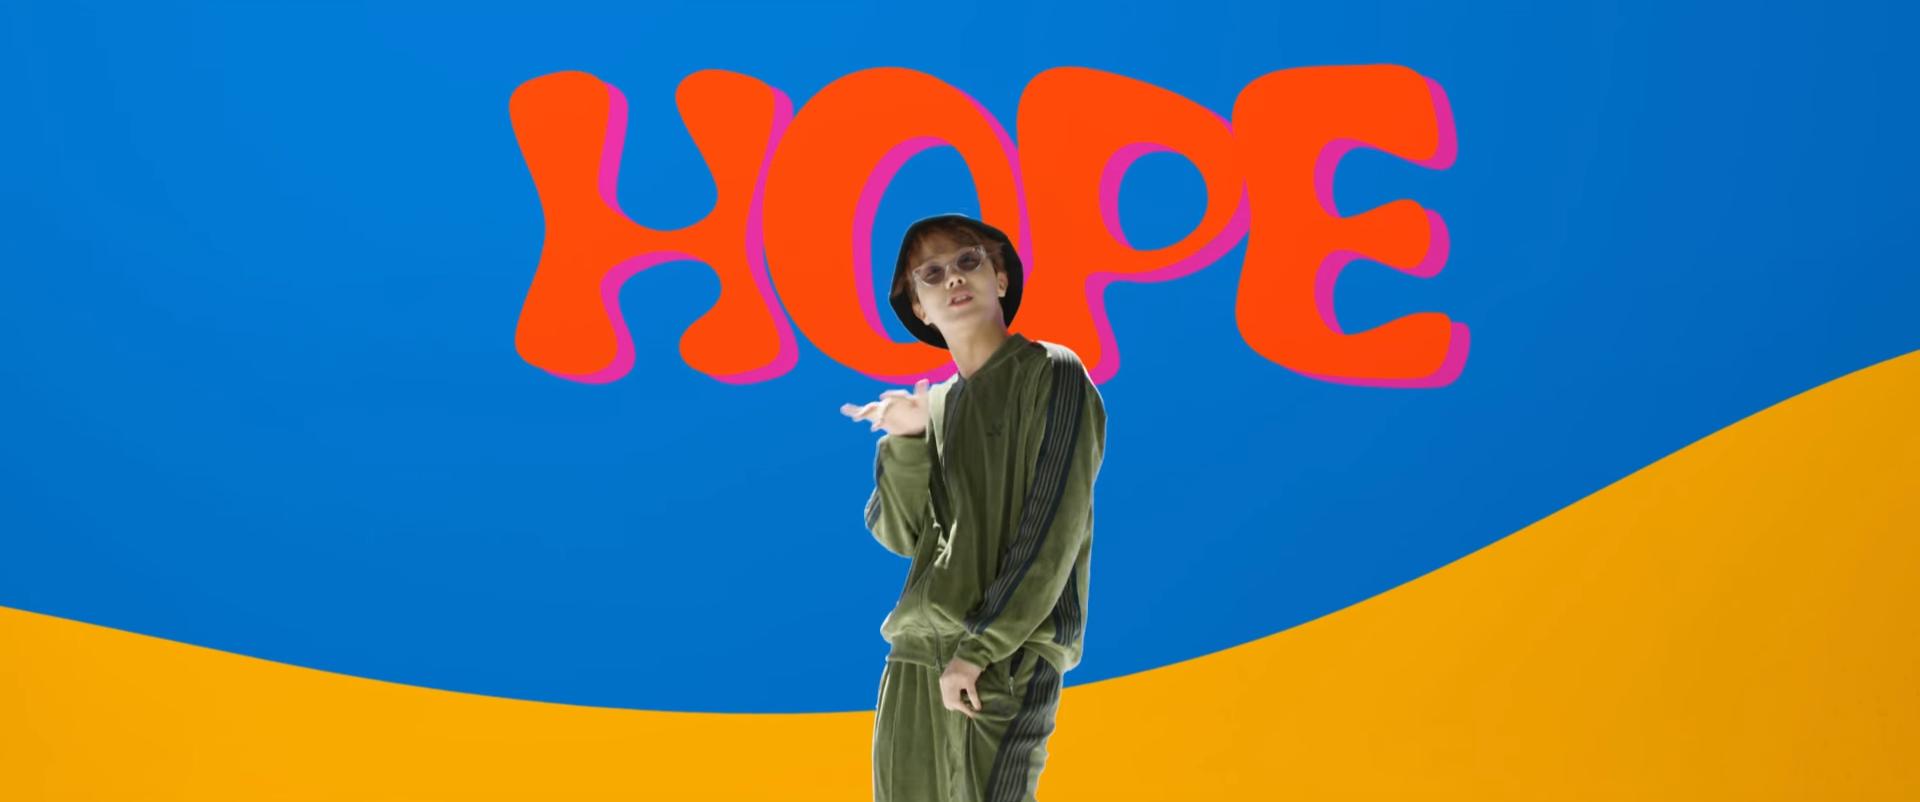 15 vezes que idol rappers nos impressionaram com suas habilidades vocais